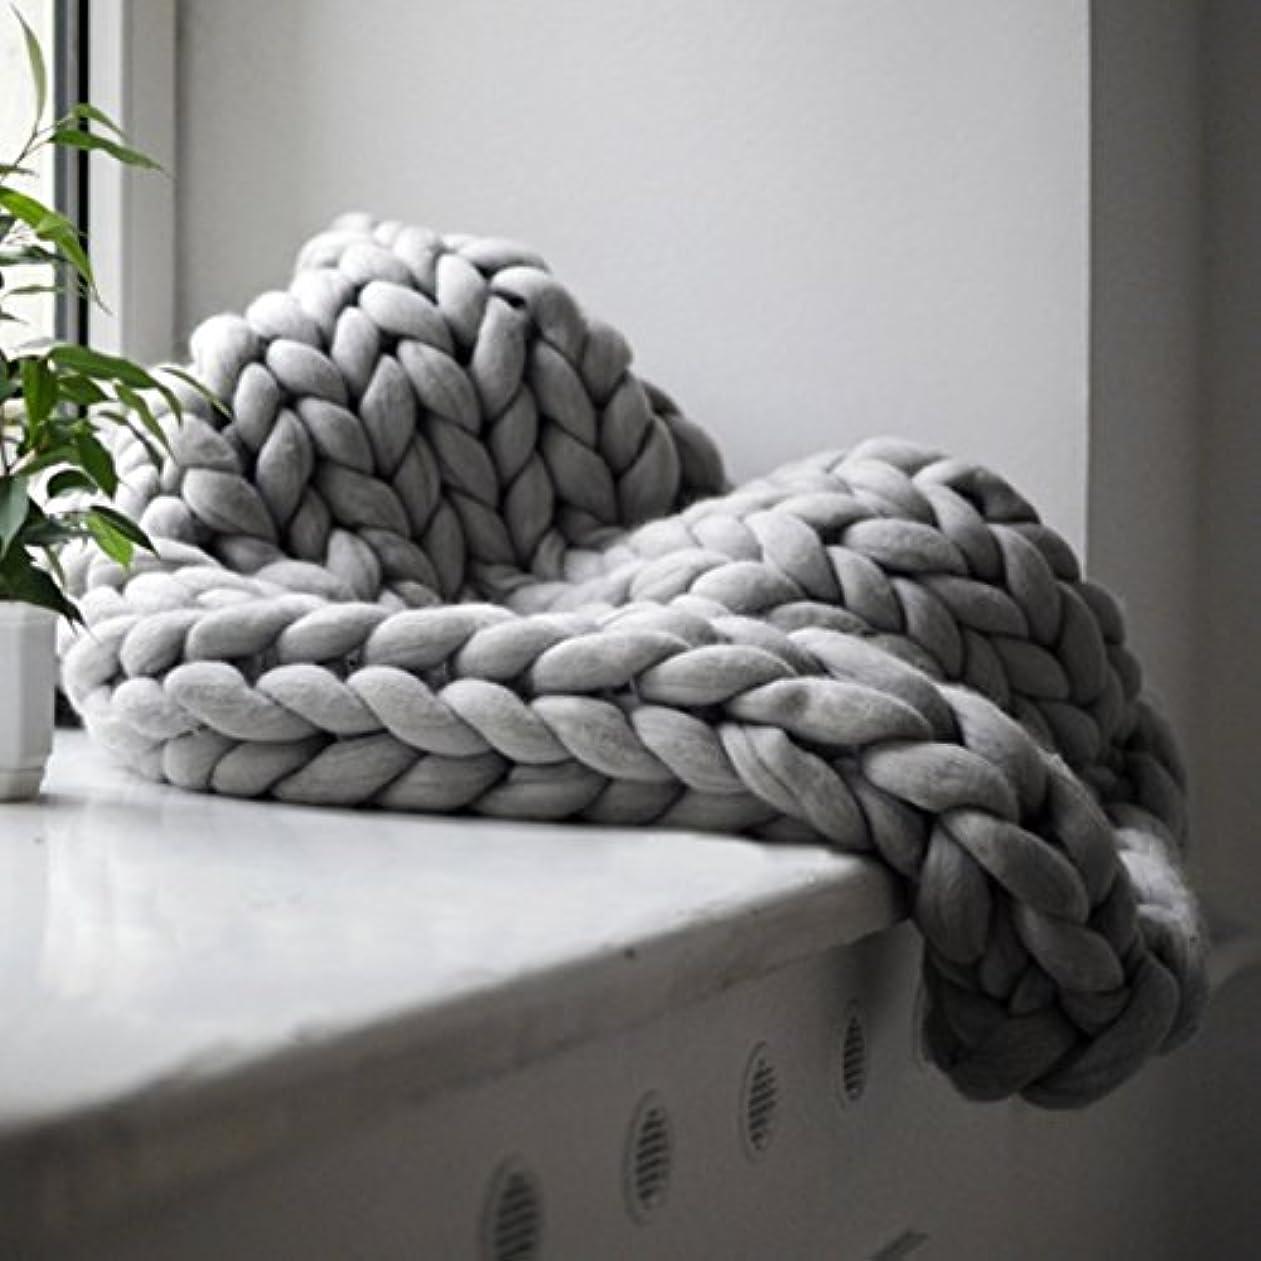 アセ誰でも耕すSaikogoods 快適な暖かいソフト太いラインジャイアント糸ニットブランケット手作りマニュアルウィービング写真小道具毛布をキープ グレー 100×120cm